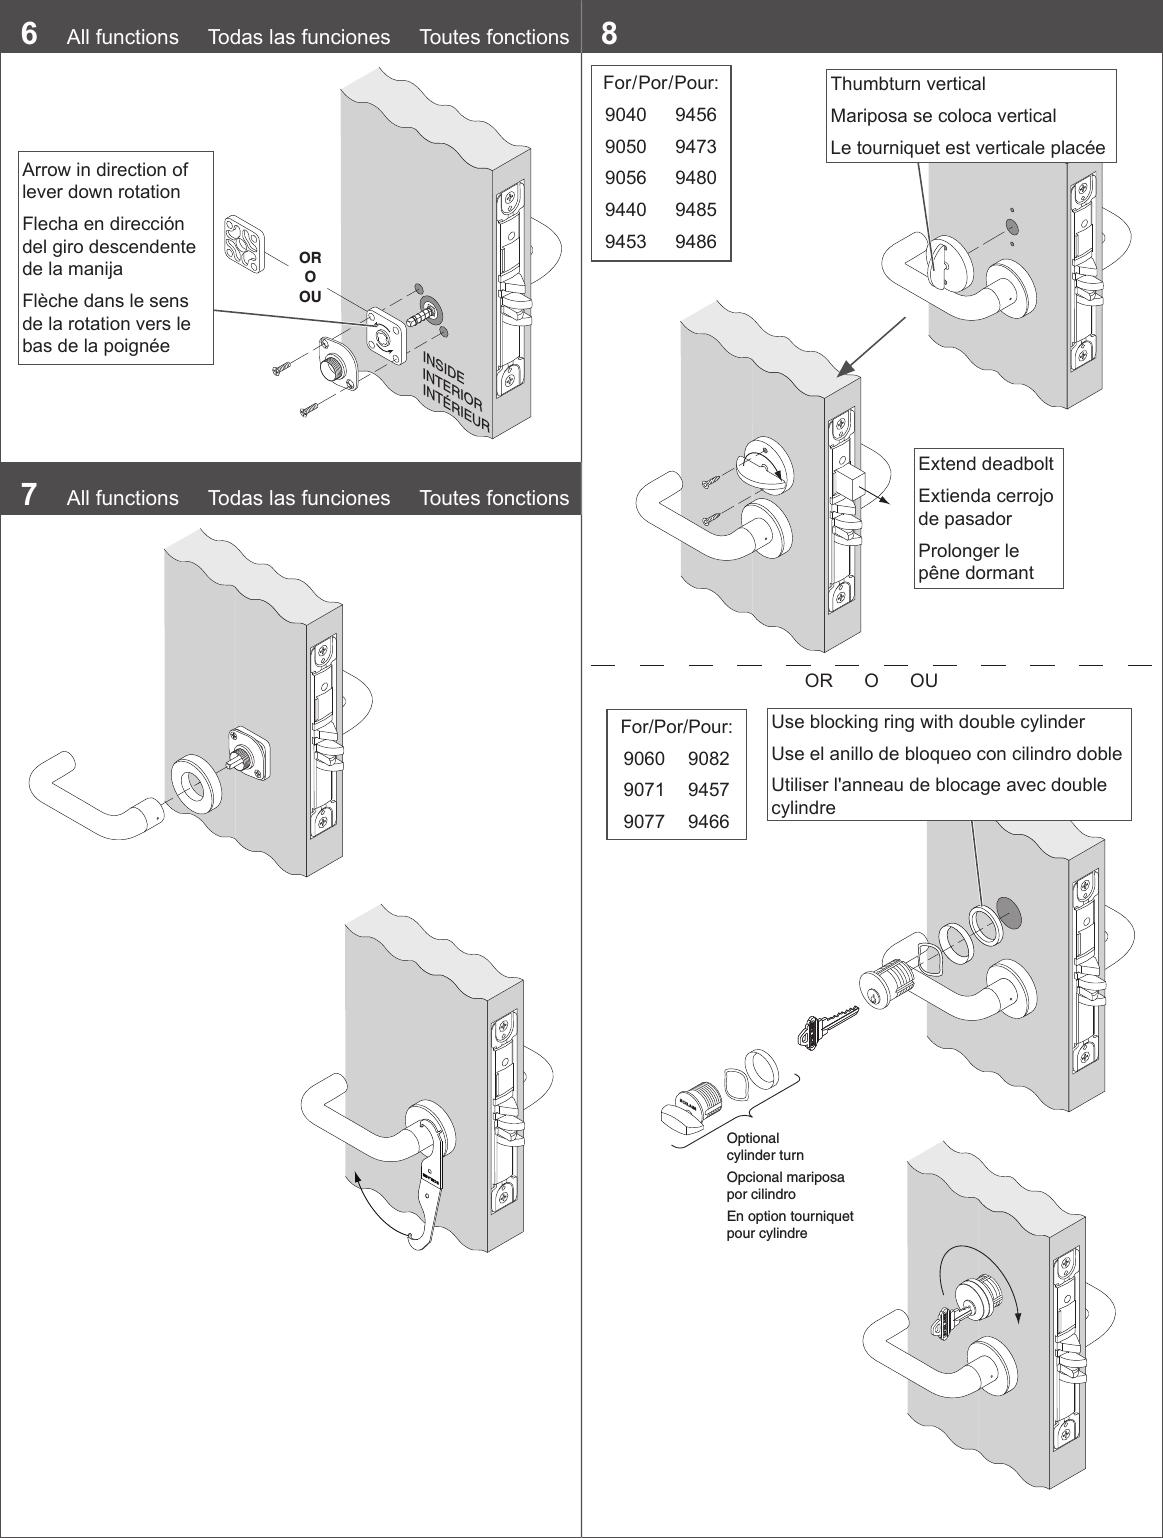 Schlage L9000 Series Wiring Diagram Detailed Schematics Key Switch 650 Installation Instructions 108367 Mortise Lock